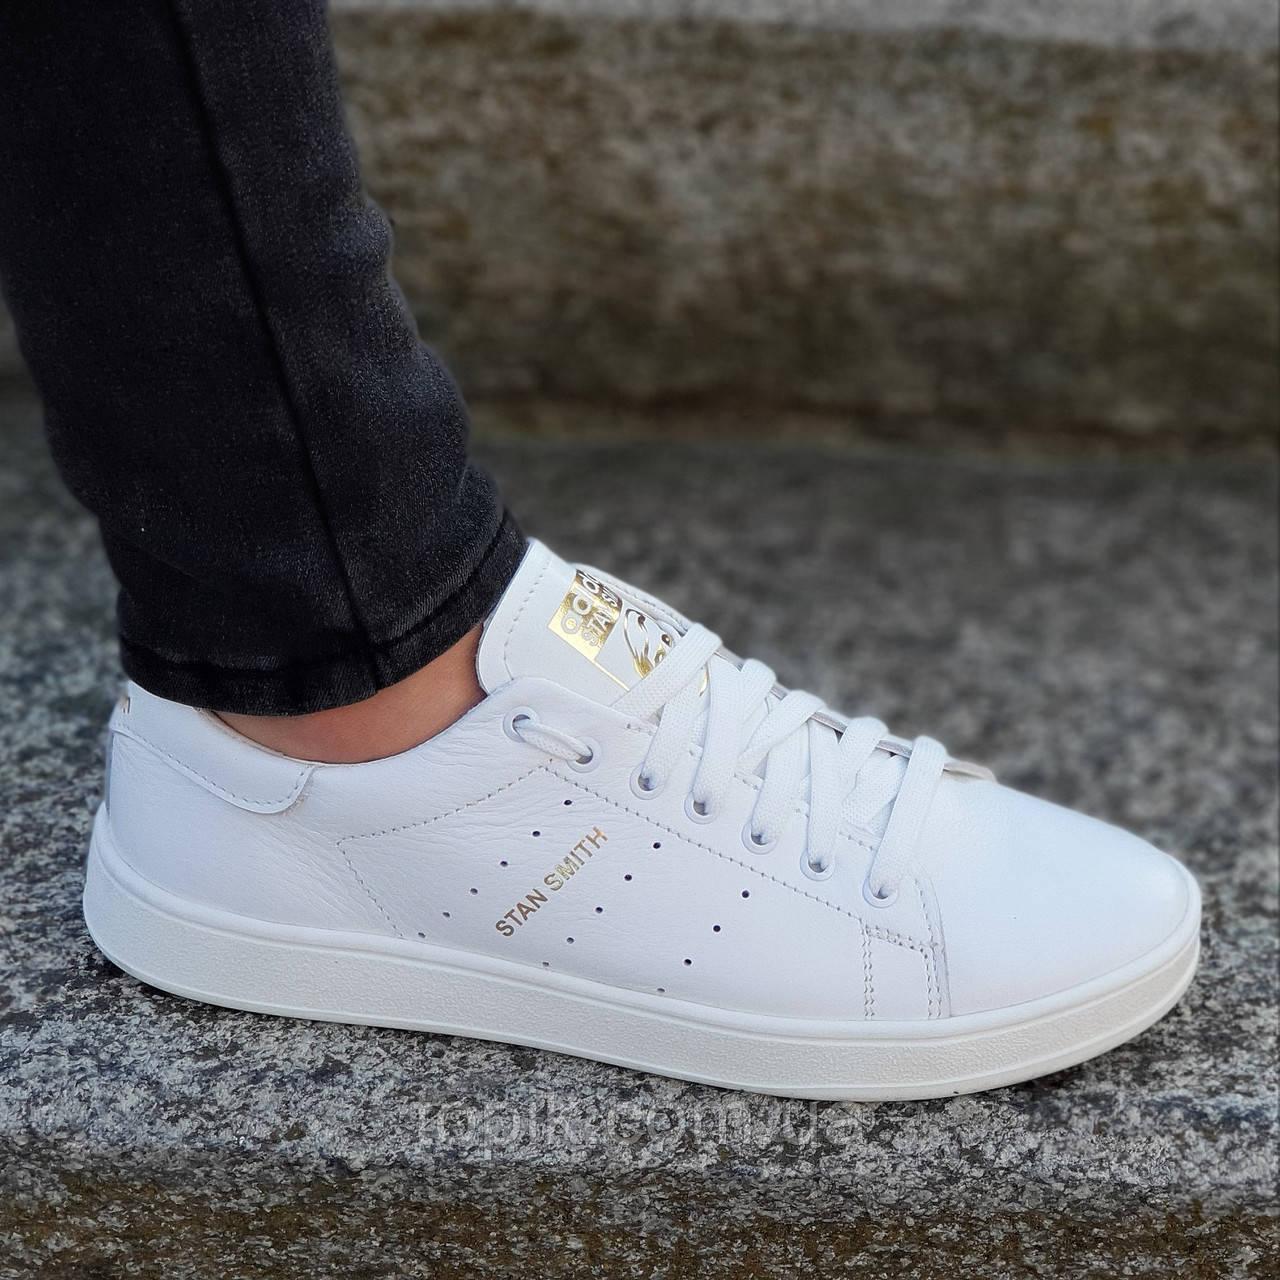 Кроссовки Adidas Stan Smith реплика, женские, подростковые натуральная кожа белые (Код: 1231)